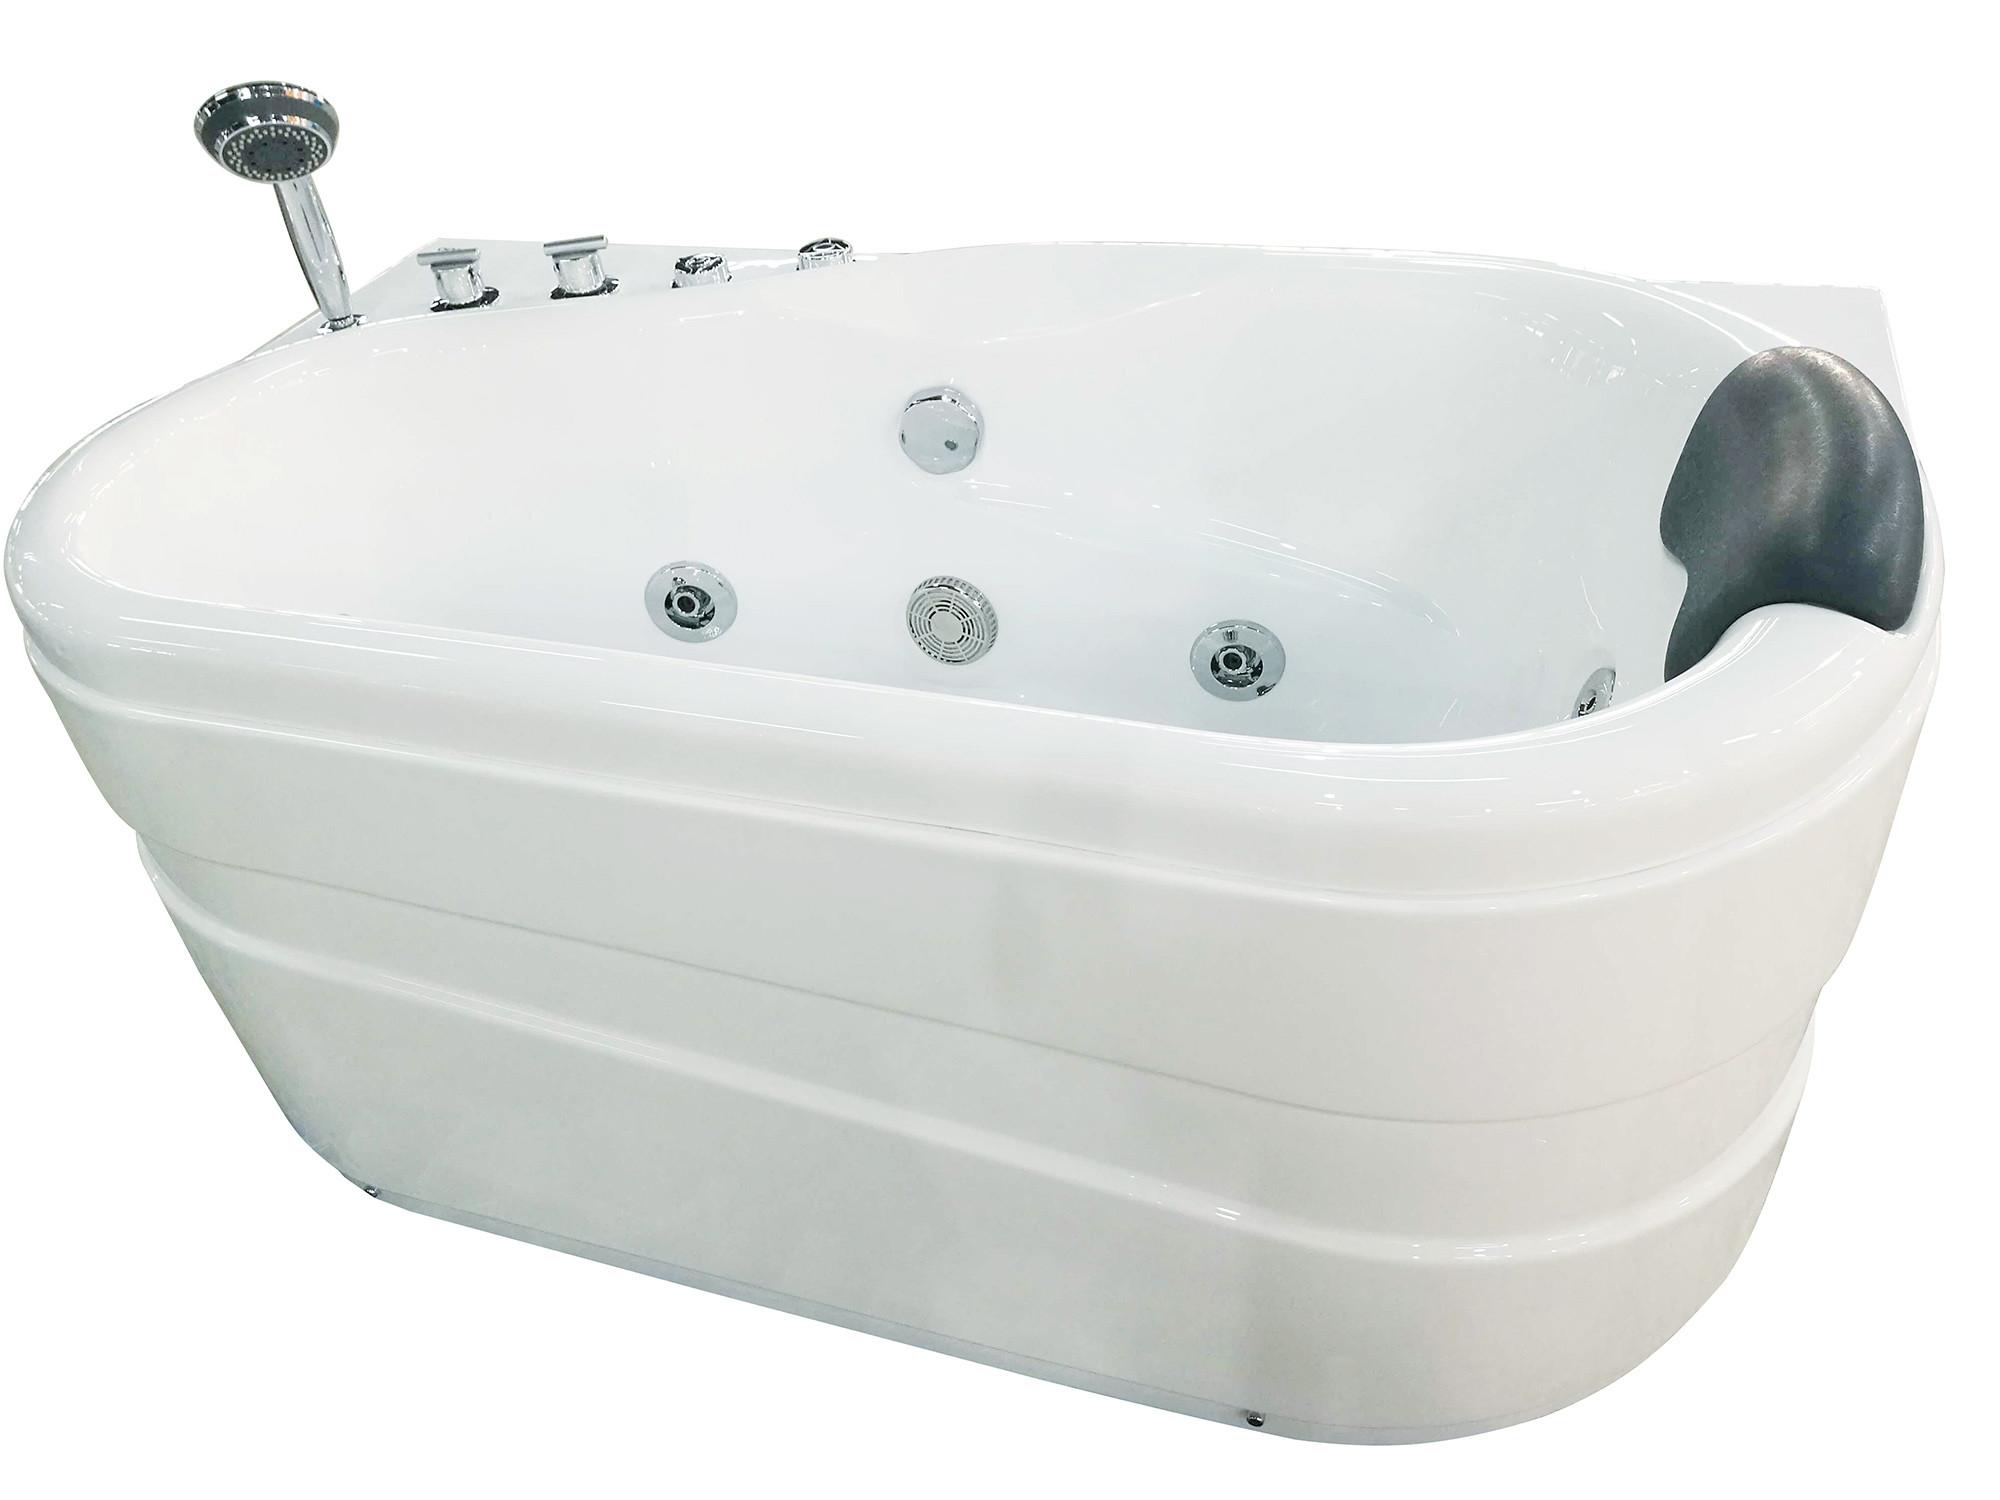 EAGO AM175-L Whirlpool Tub